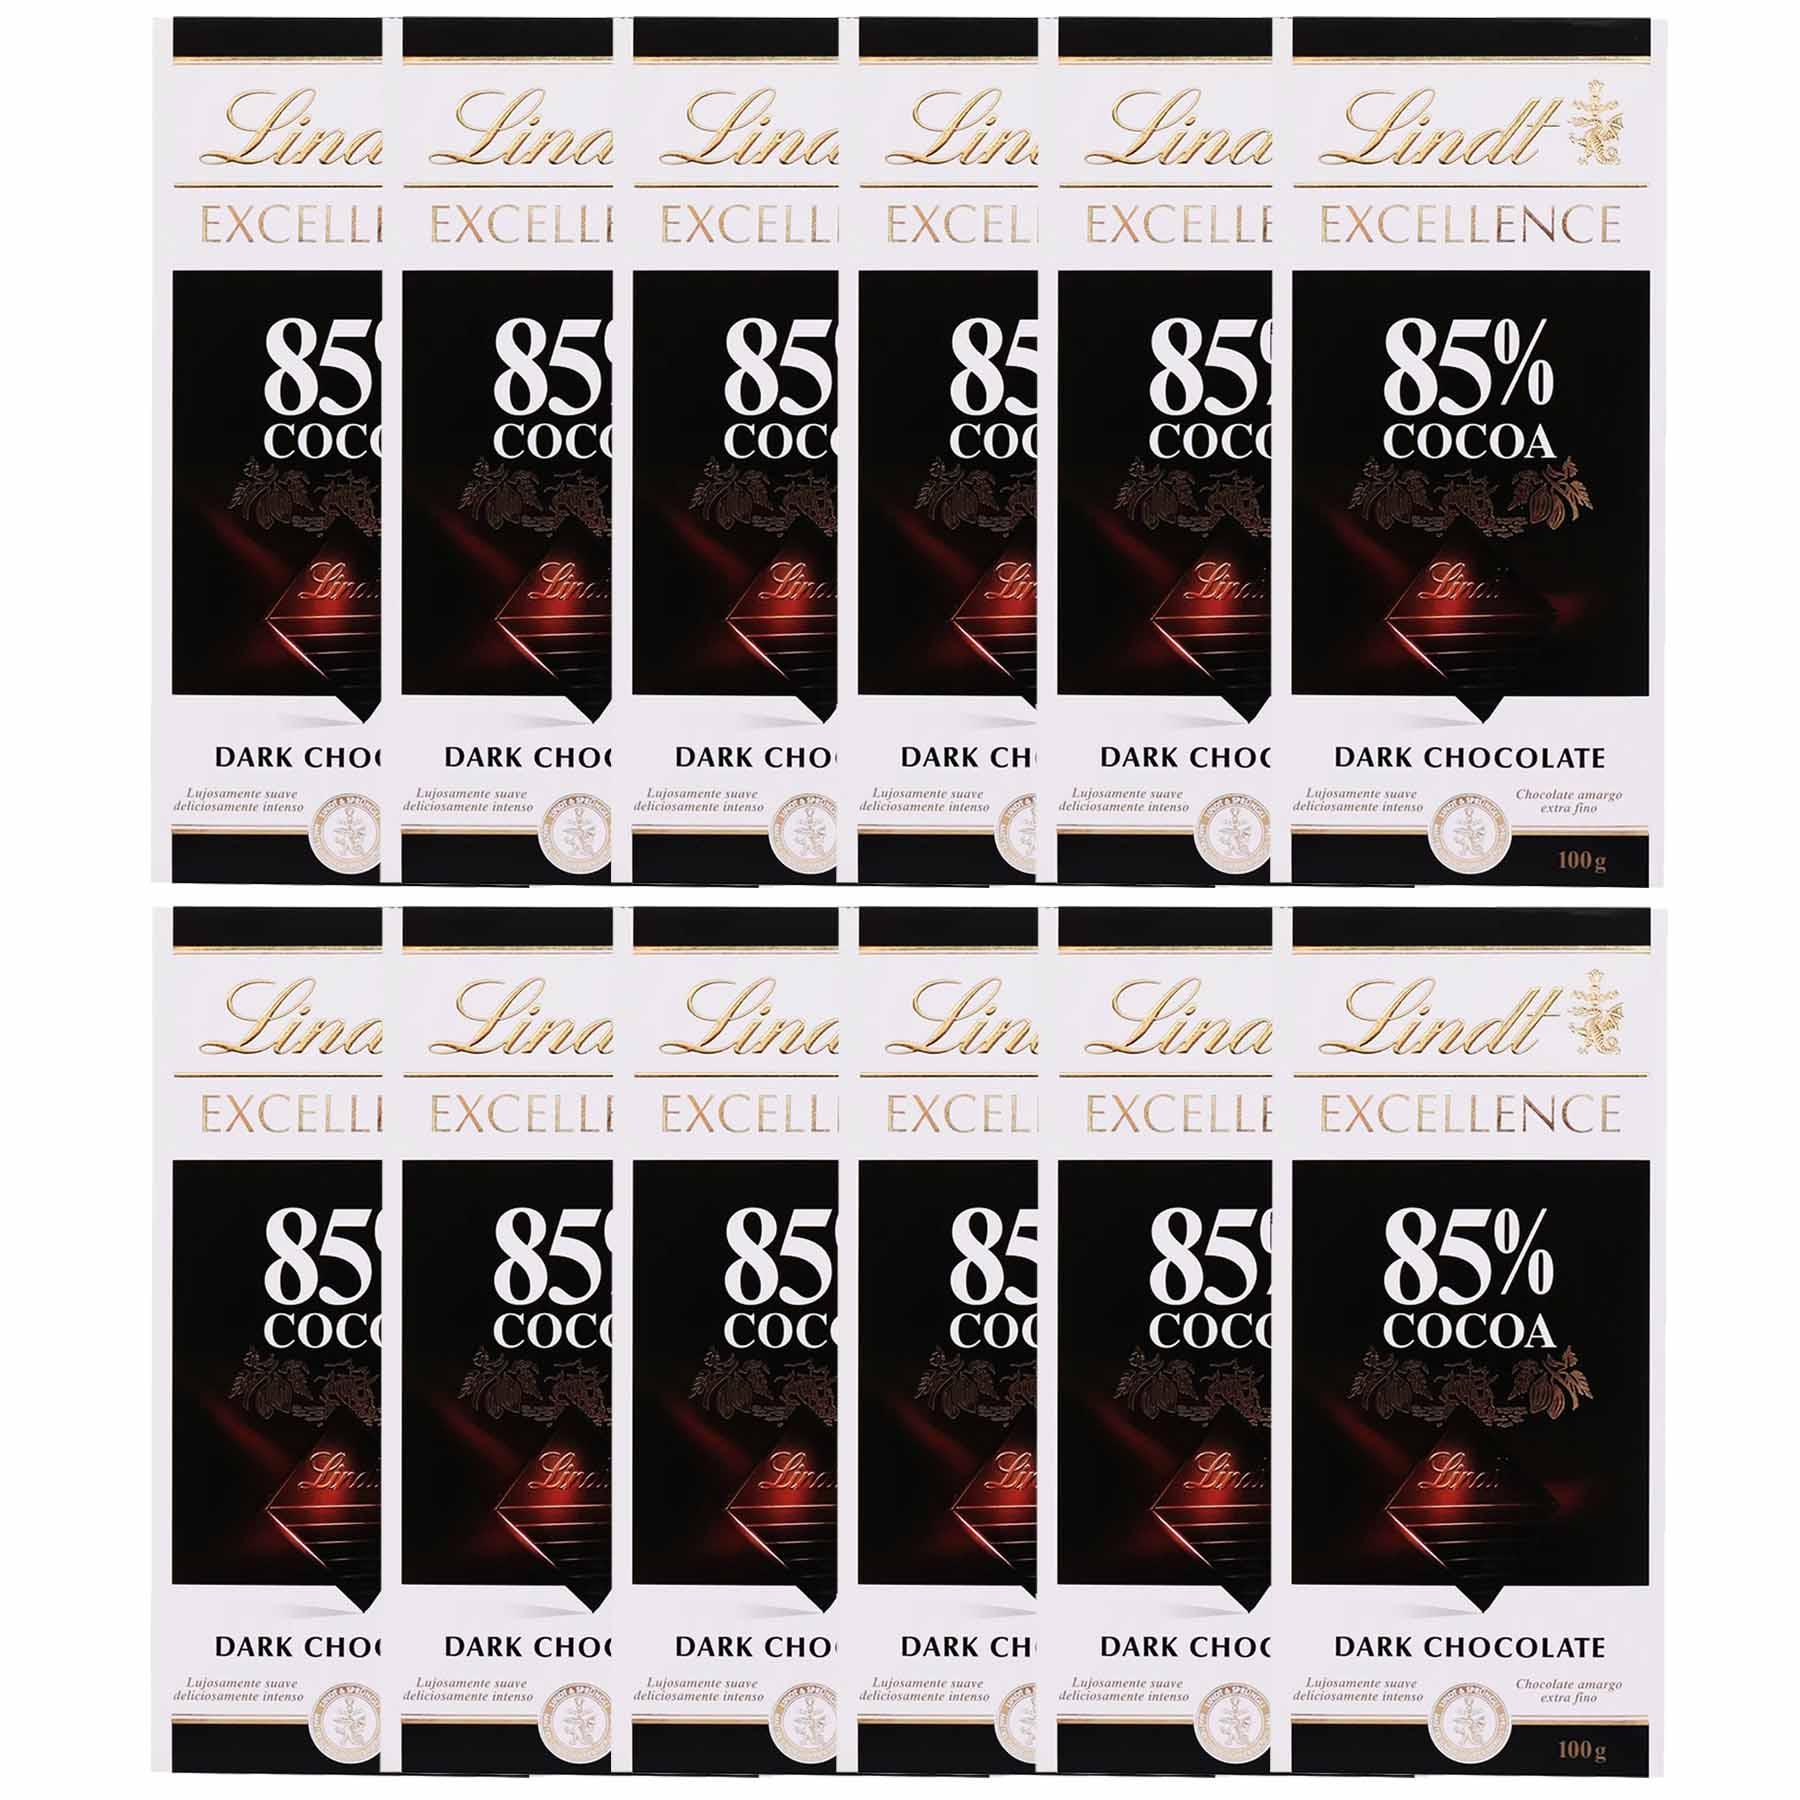 Kit 12x Barra de chocolate Lindt 85% Amargo 100g Dark